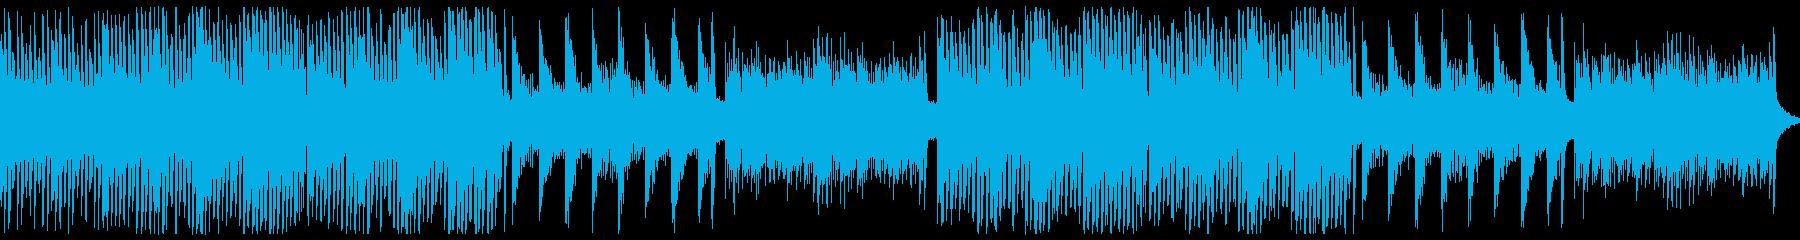 ピアノのホラー曲。3拍子の再生済みの波形